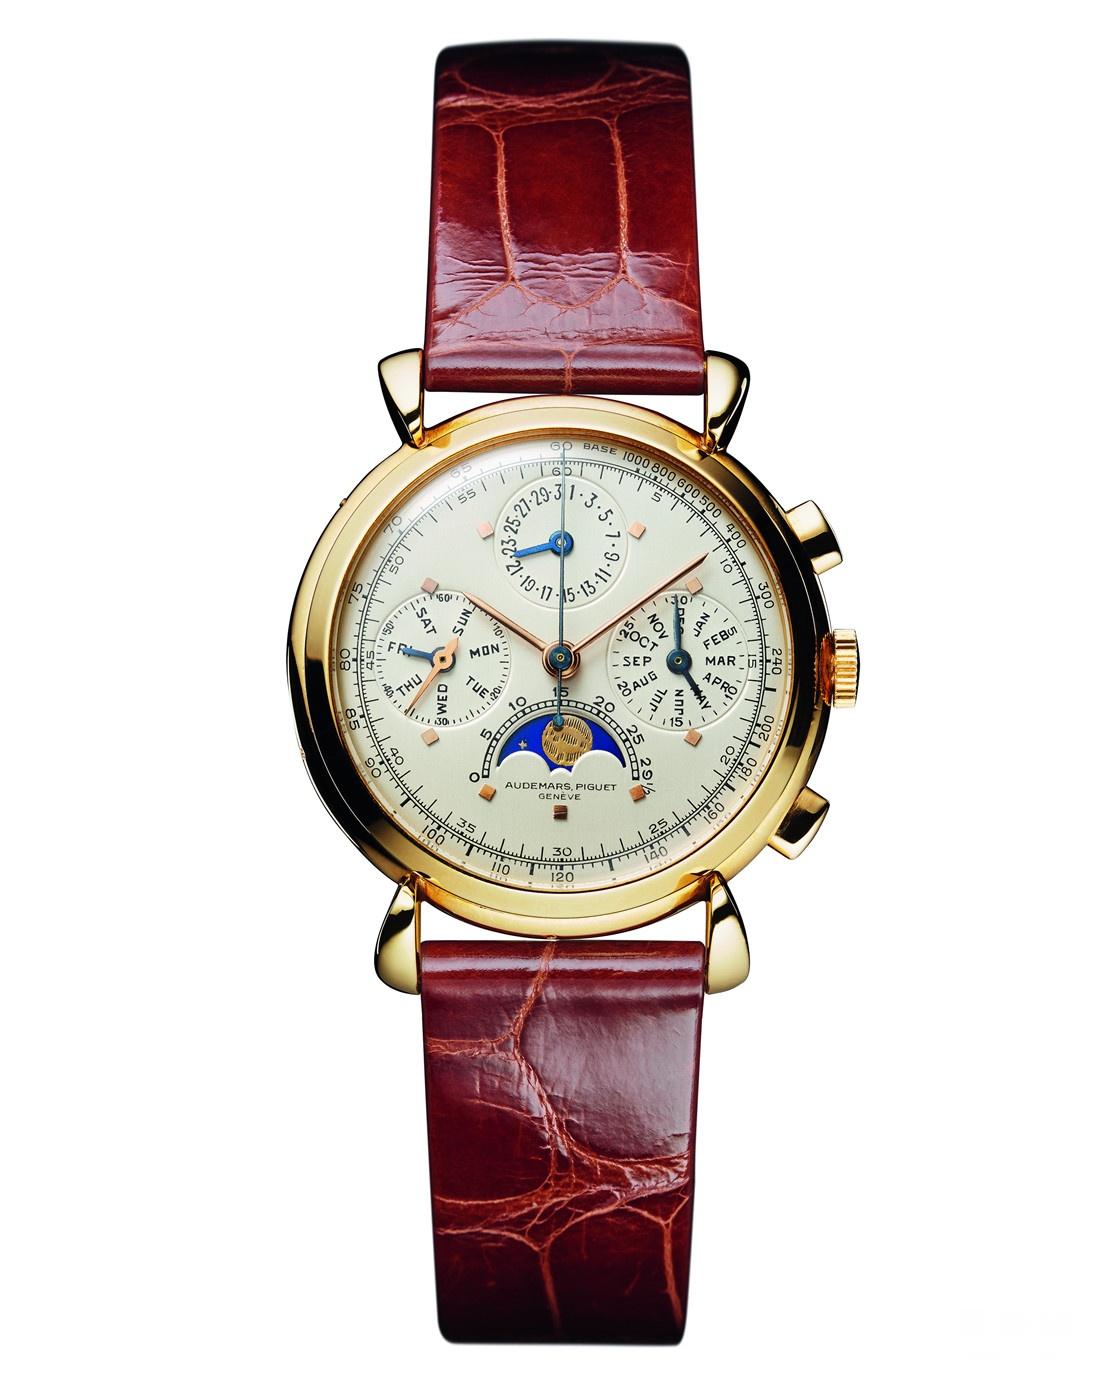 兼具计时功能的爱彼全历腕表Ref. 7020,制作于1943年,如今由HODINKEE创始人Benjamin Clymer收藏